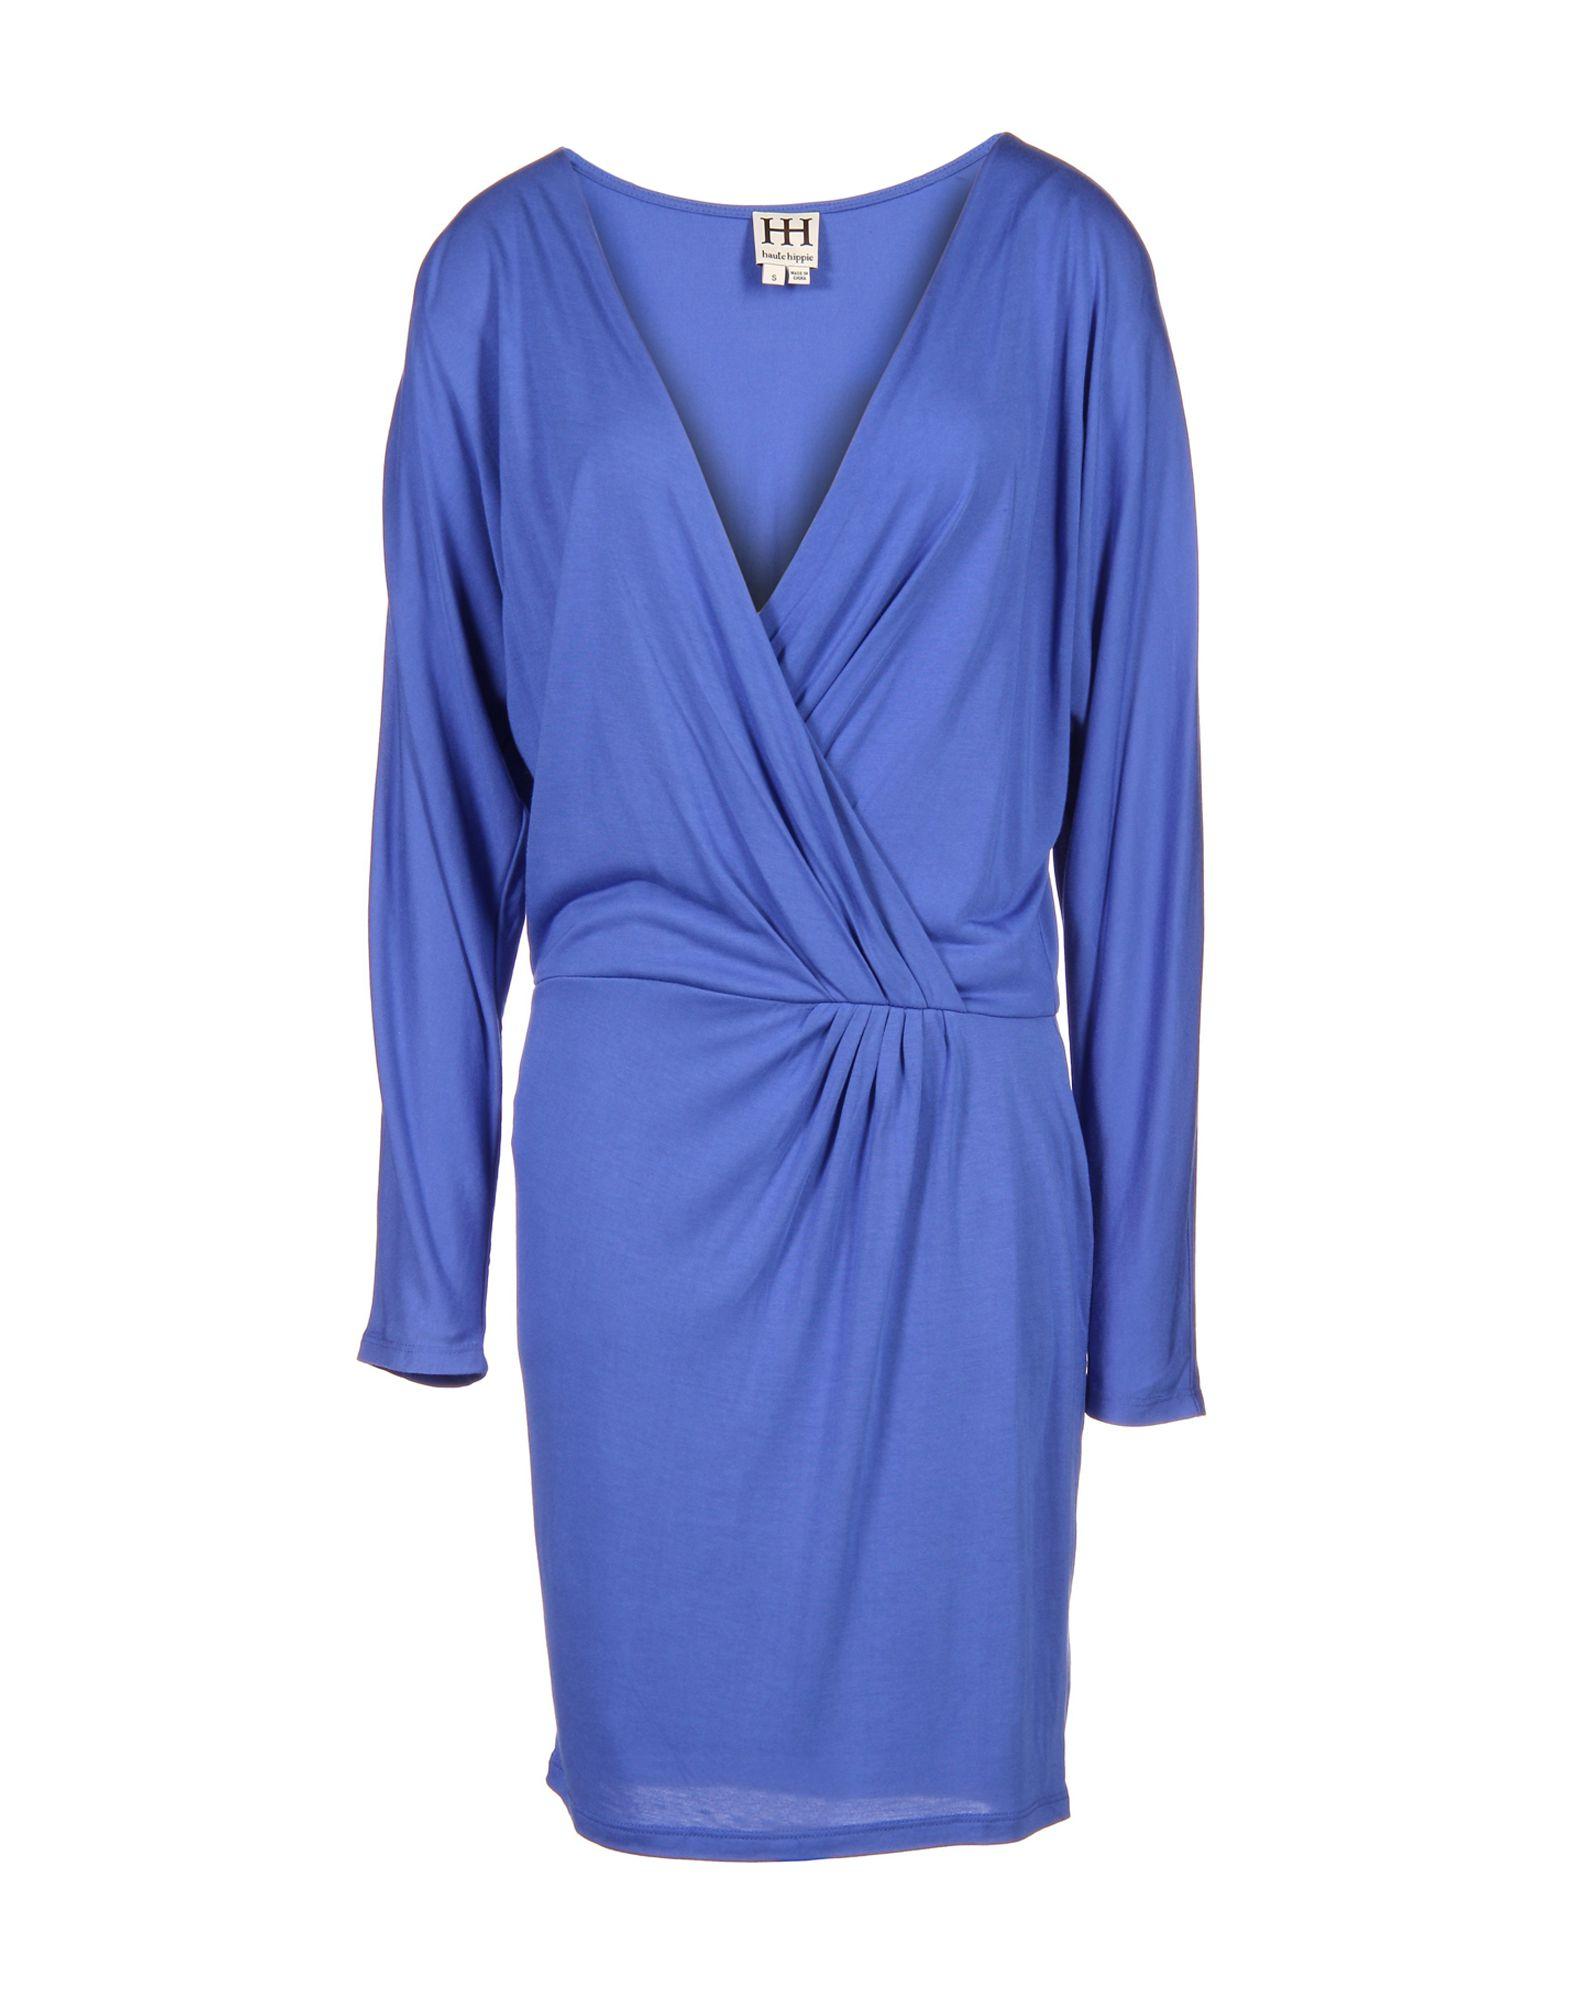 HAUTE HIPPIE Damen Kurzes Kleid Farbe Blau Größe 4